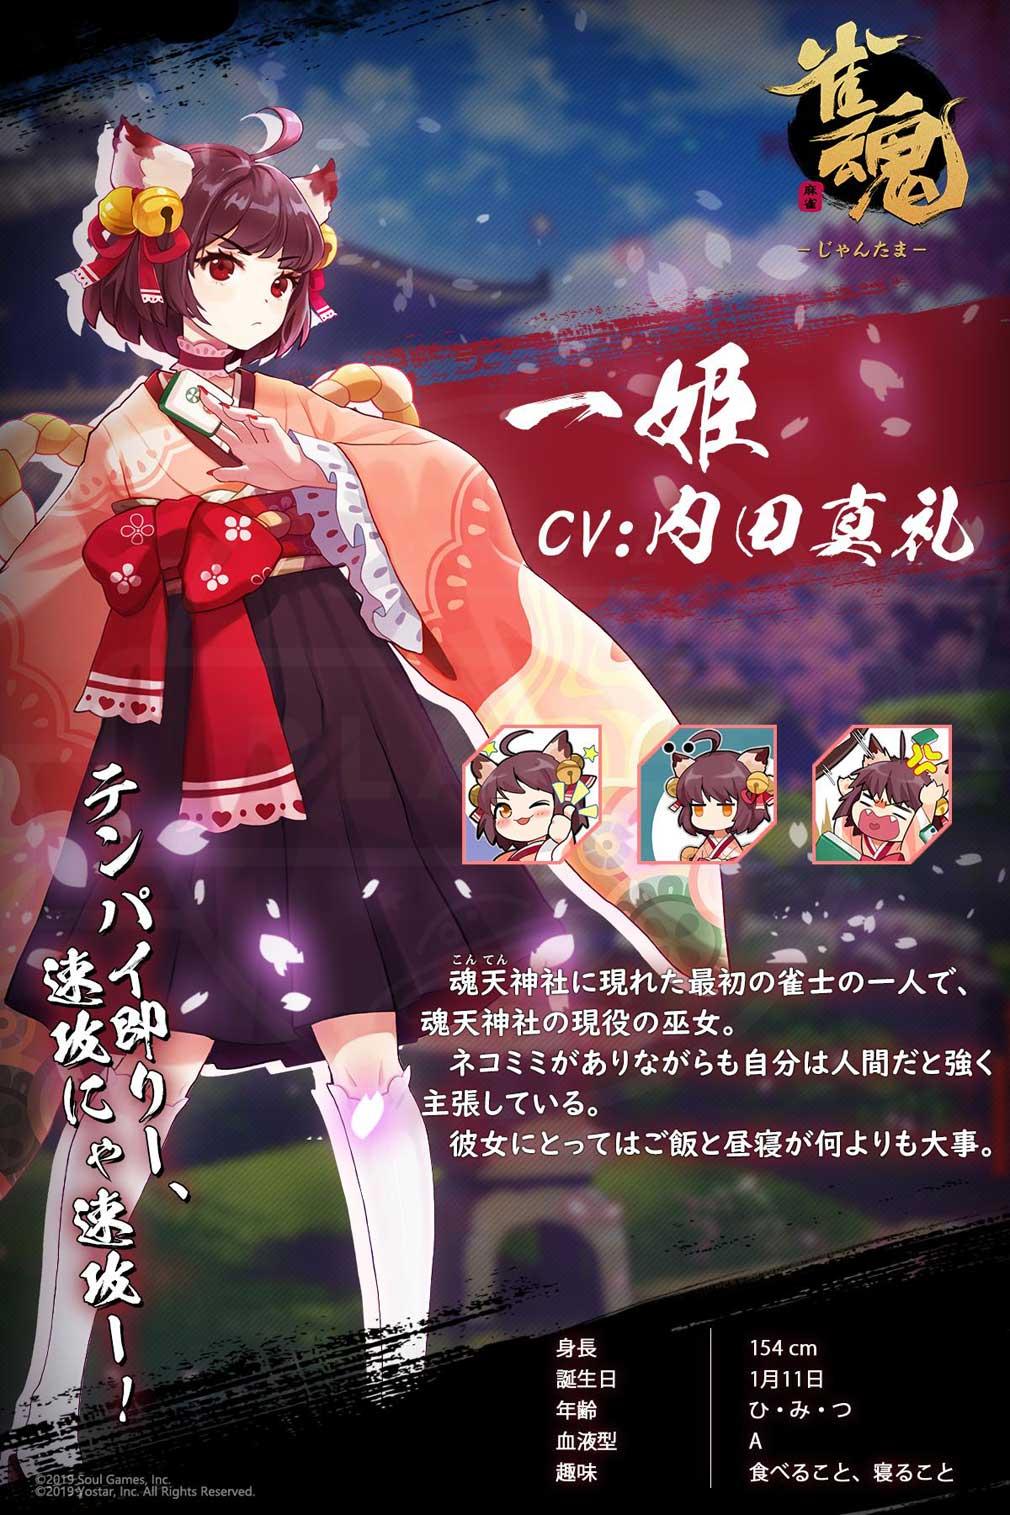 雀魂(じゃんたま) 雀士キャラクター『一姫』紹介イメージ